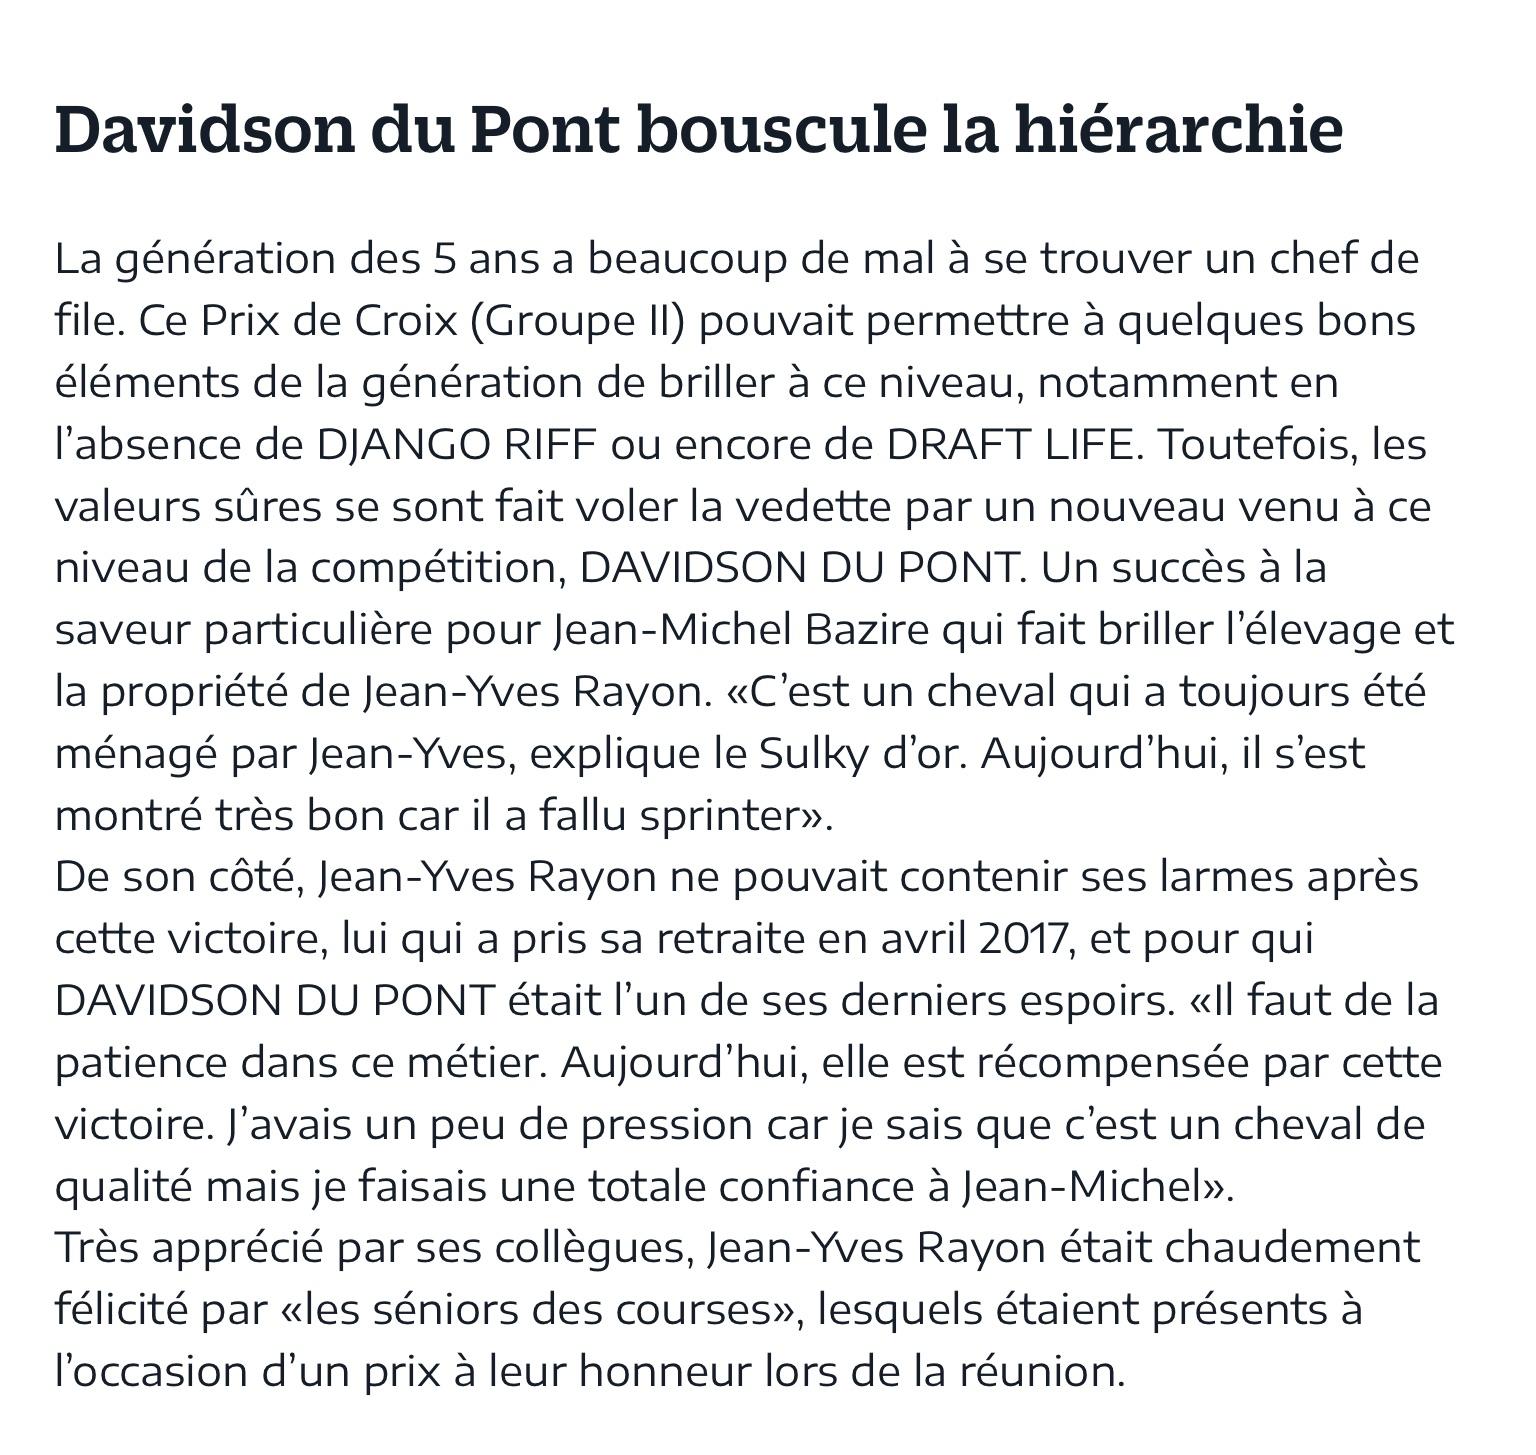 2018 01 13 Victoire de Davidson 11